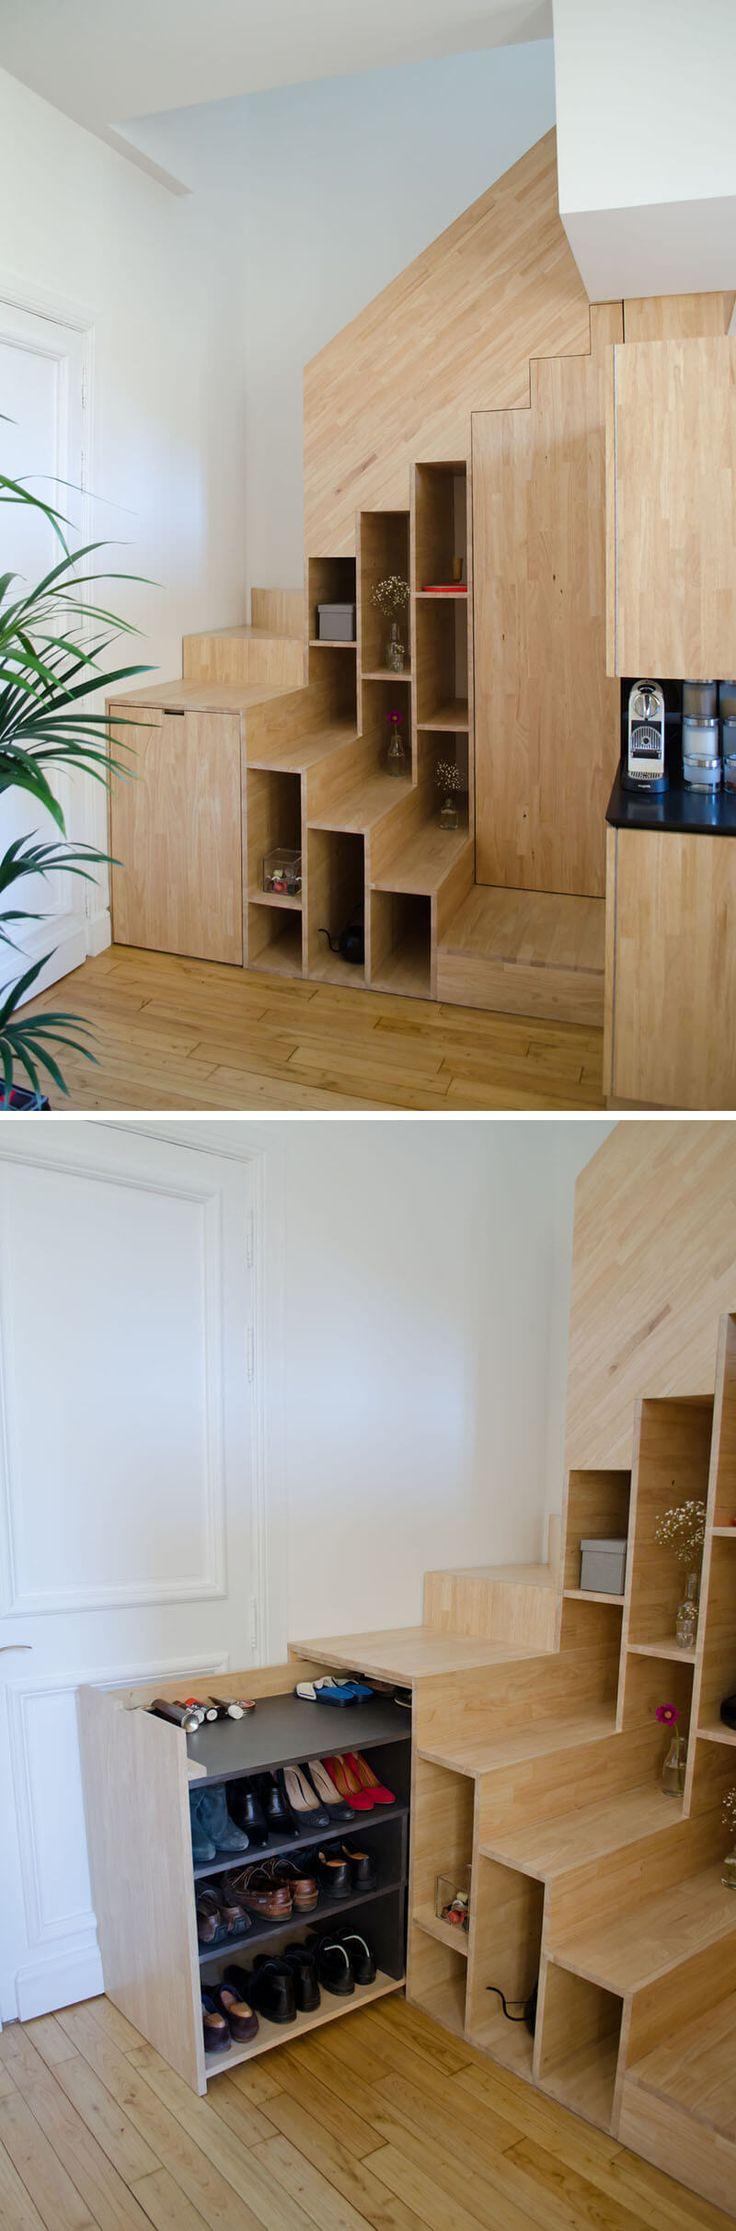 die besten 25 schrank unter der treppe ideen auf pinterest stauraum unter der treppe. Black Bedroom Furniture Sets. Home Design Ideas